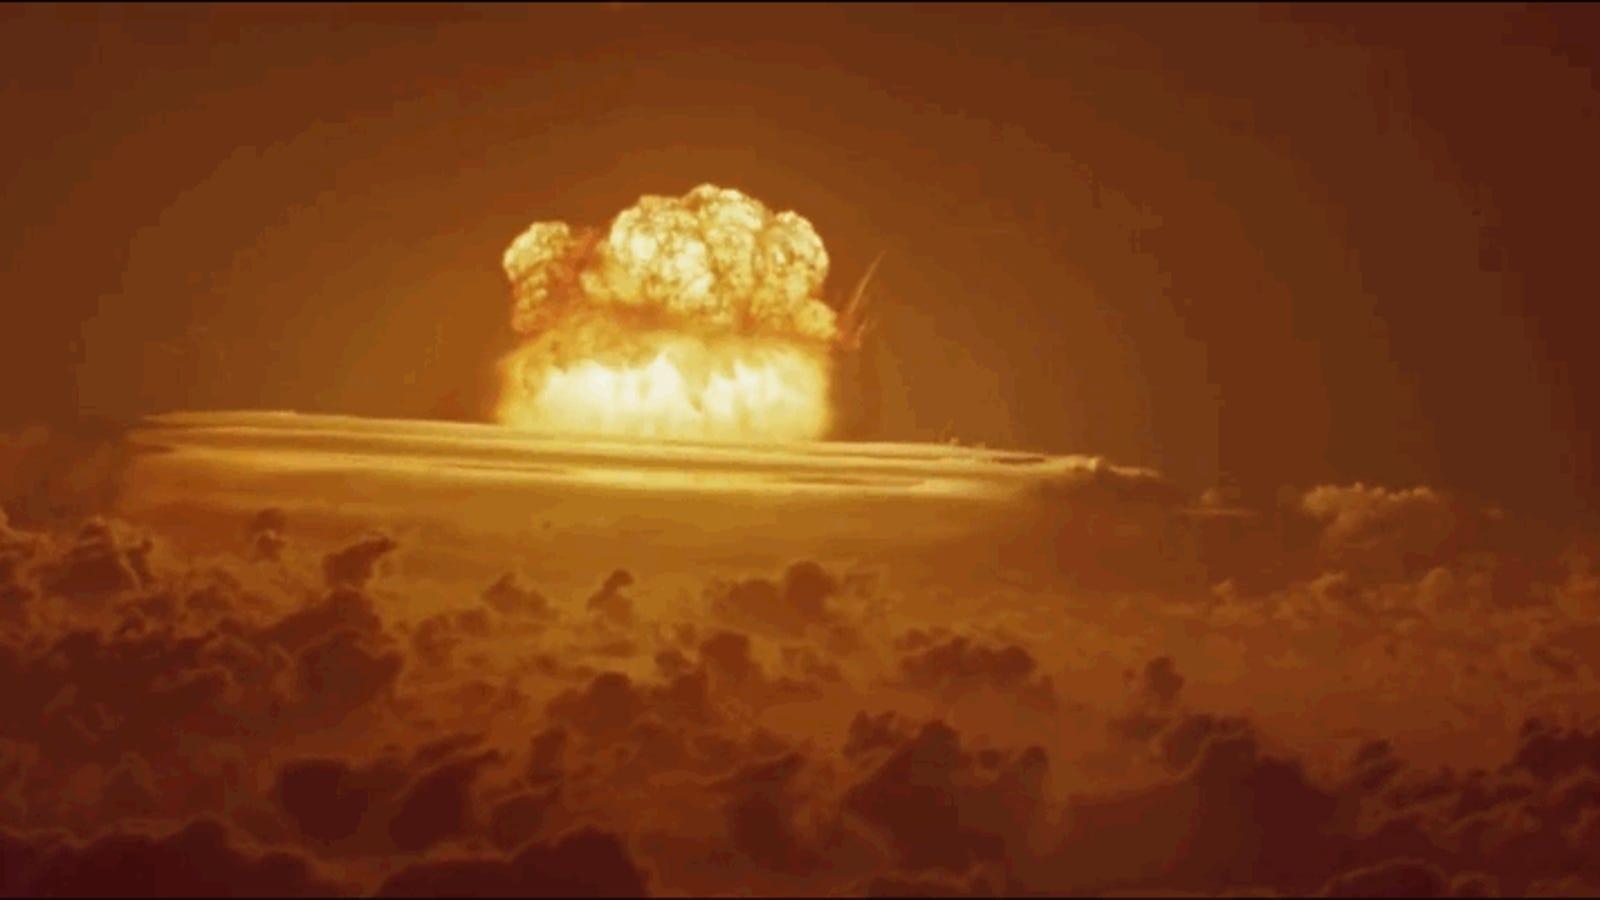 Este vídeo a todo color muestra la mayor explosión nuclear de Estados Unidos grabada a tan solo 80 kilómetros